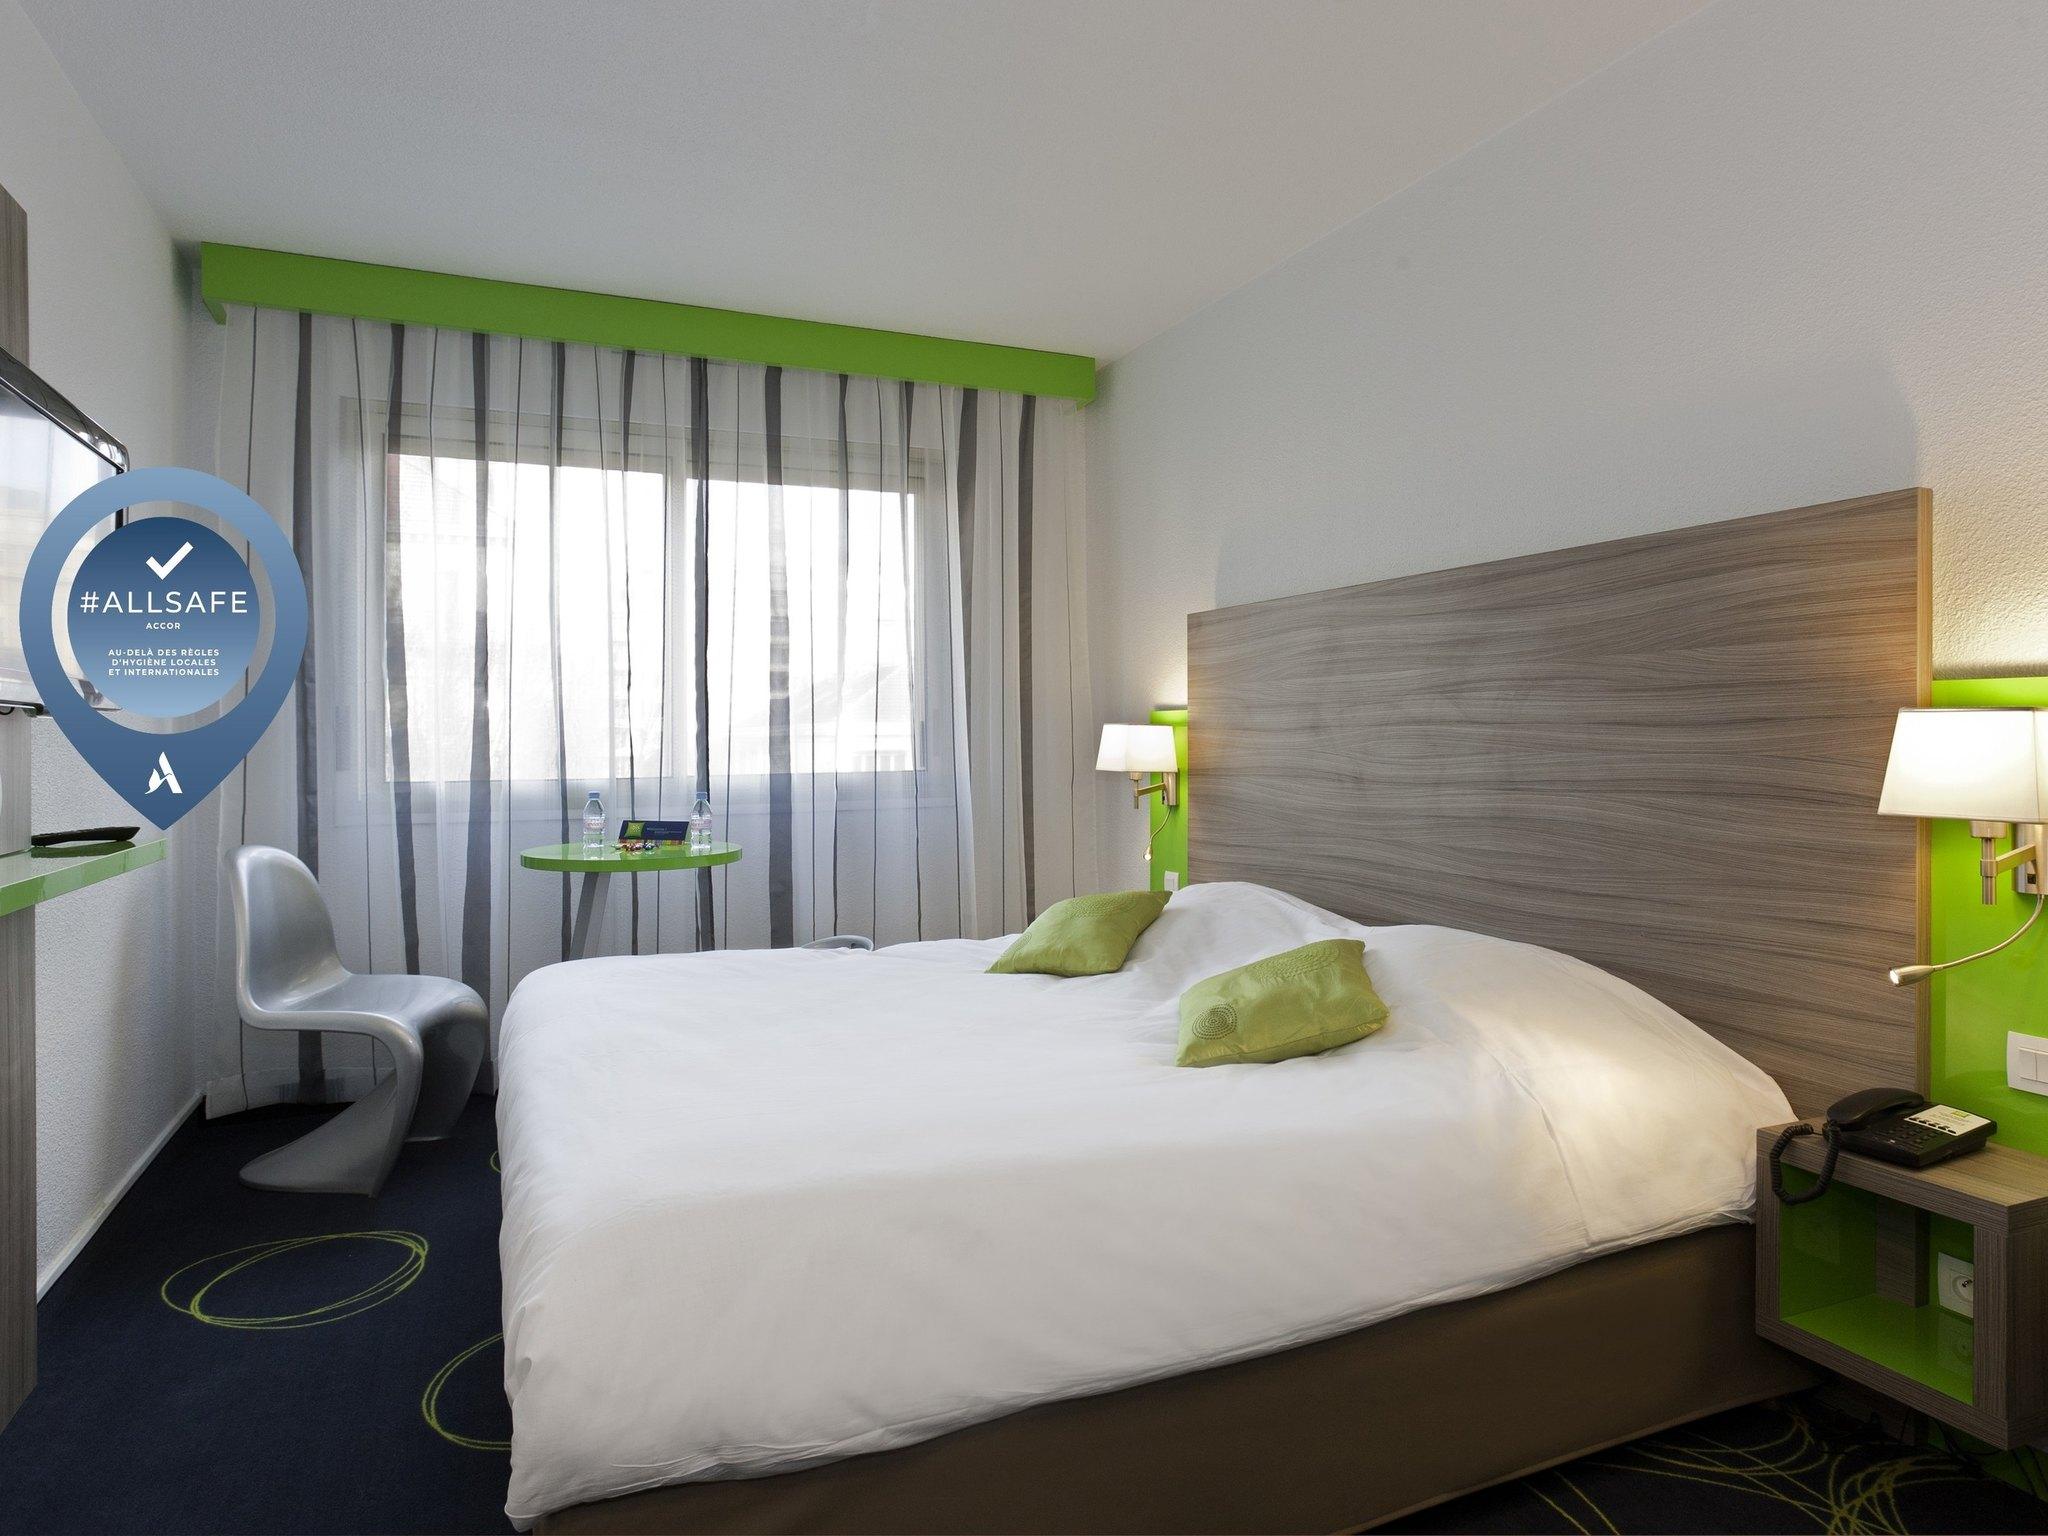 酒店 – 宜必思尚品格勒诺布尔中心火车站酒店